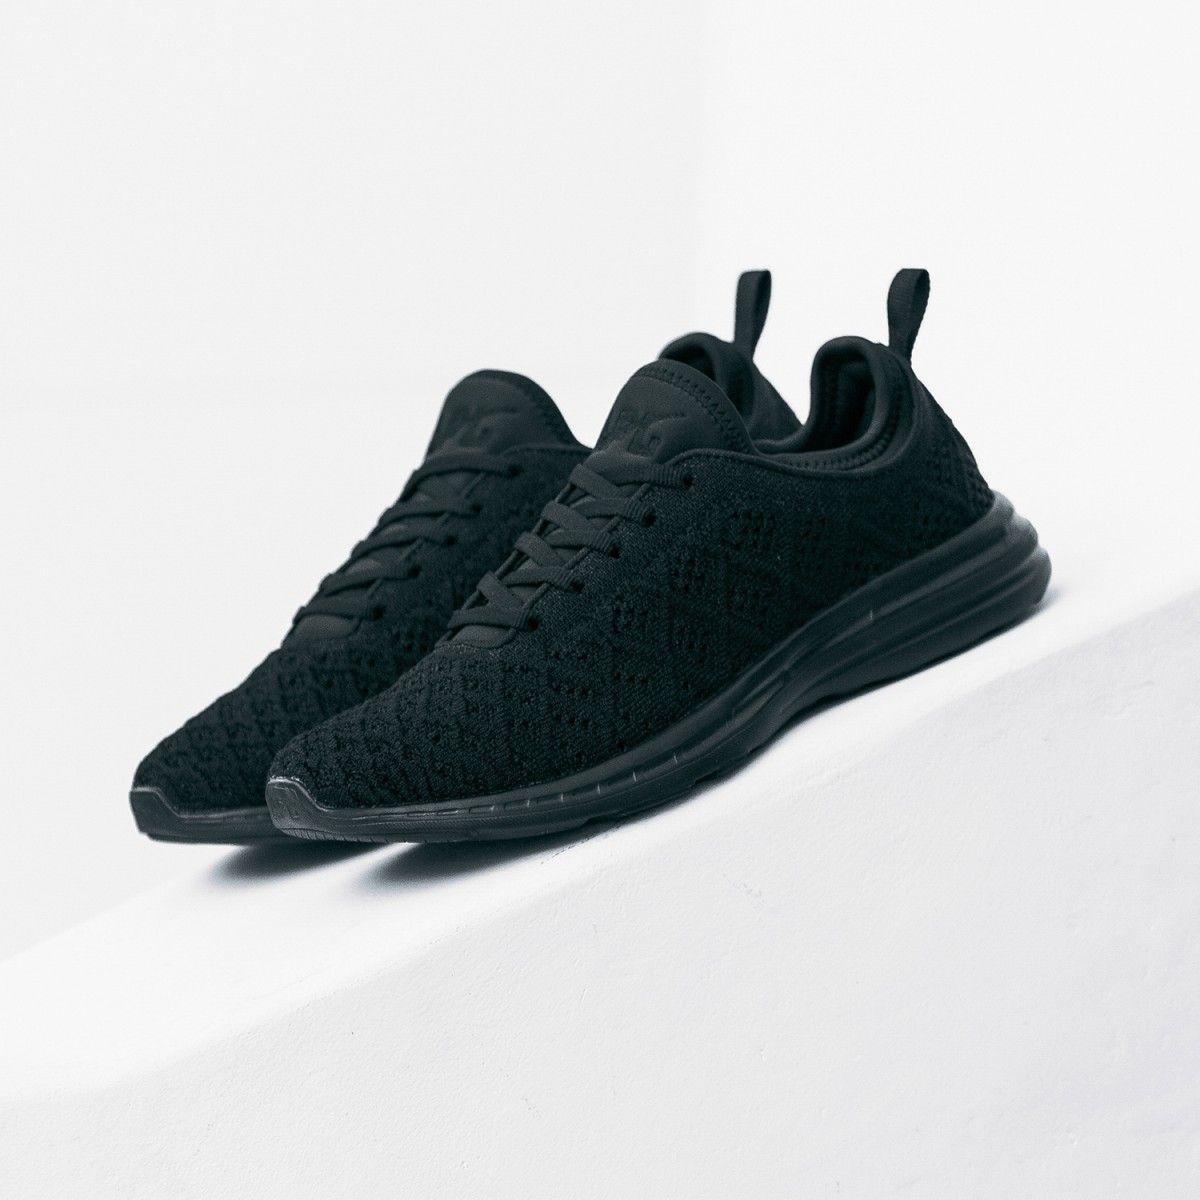 b150dcf1e71 APL Women s Running Shoes TechLoom Phantom Black Black